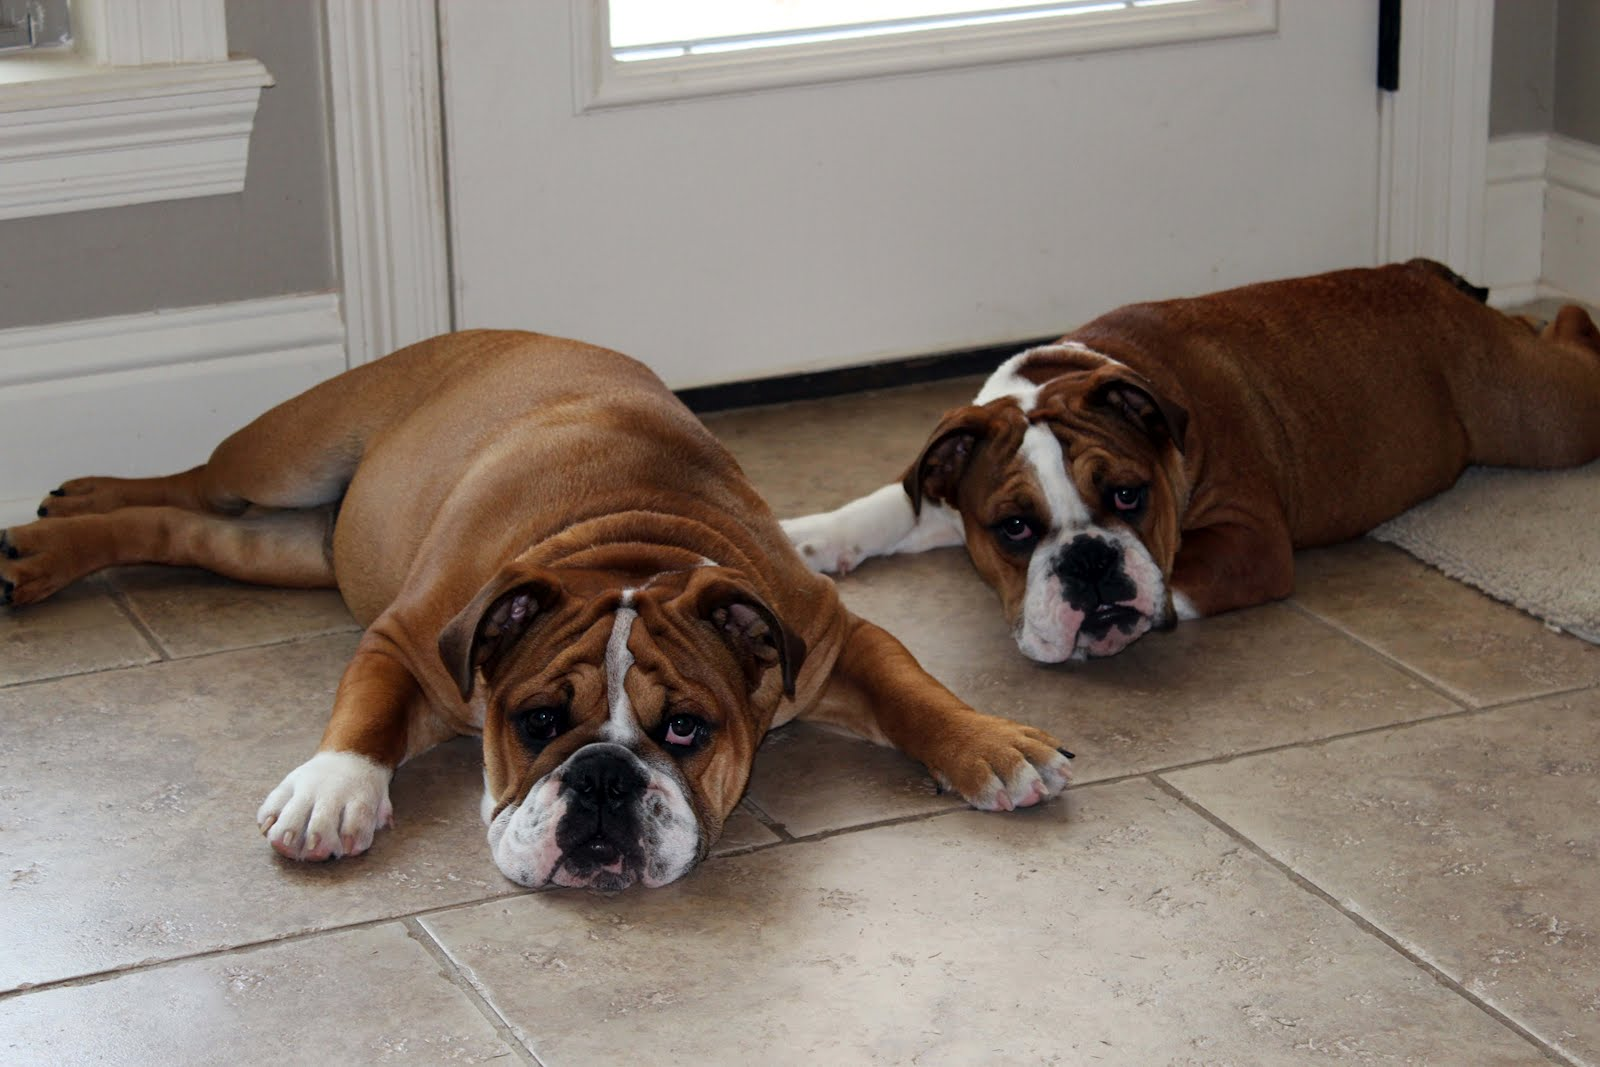 Brown olde english bulldogge puppies - photo#4